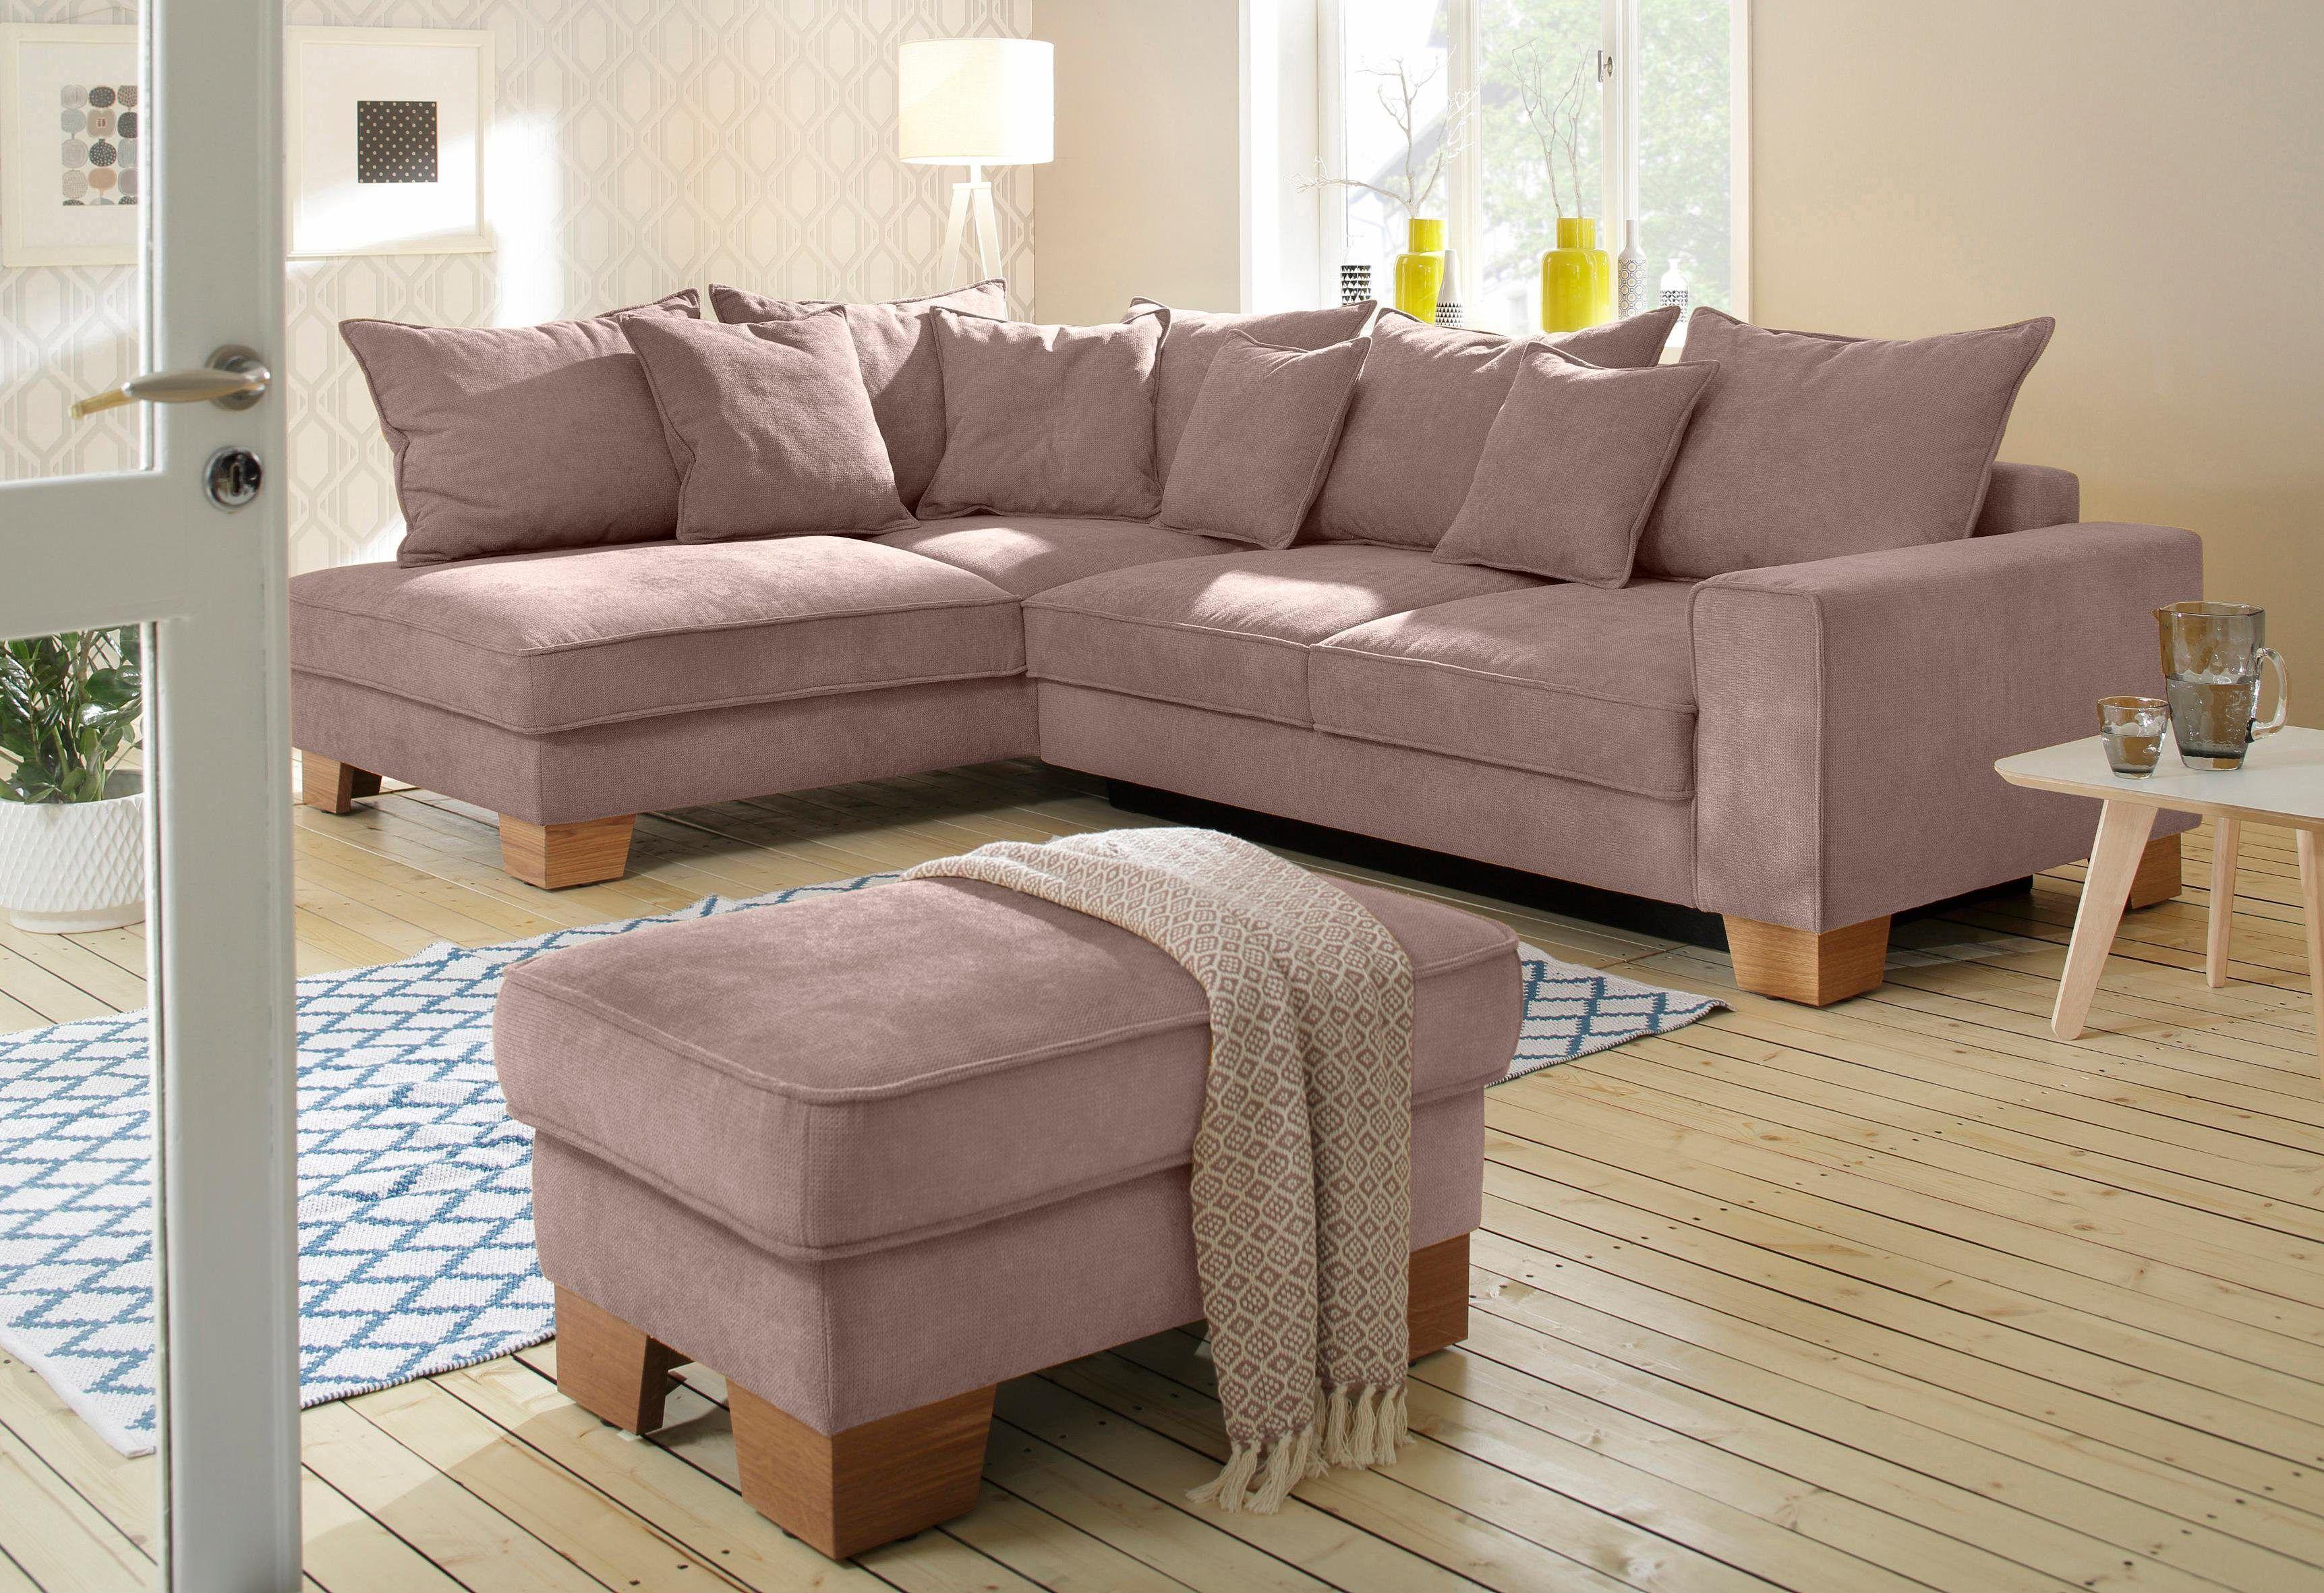 Astounding Sofa Mit Ottomane Und Schlaffunktion Referenz Von Home Affaire Ecksofa Braun, Links, »daria«, Schlaffunktion,